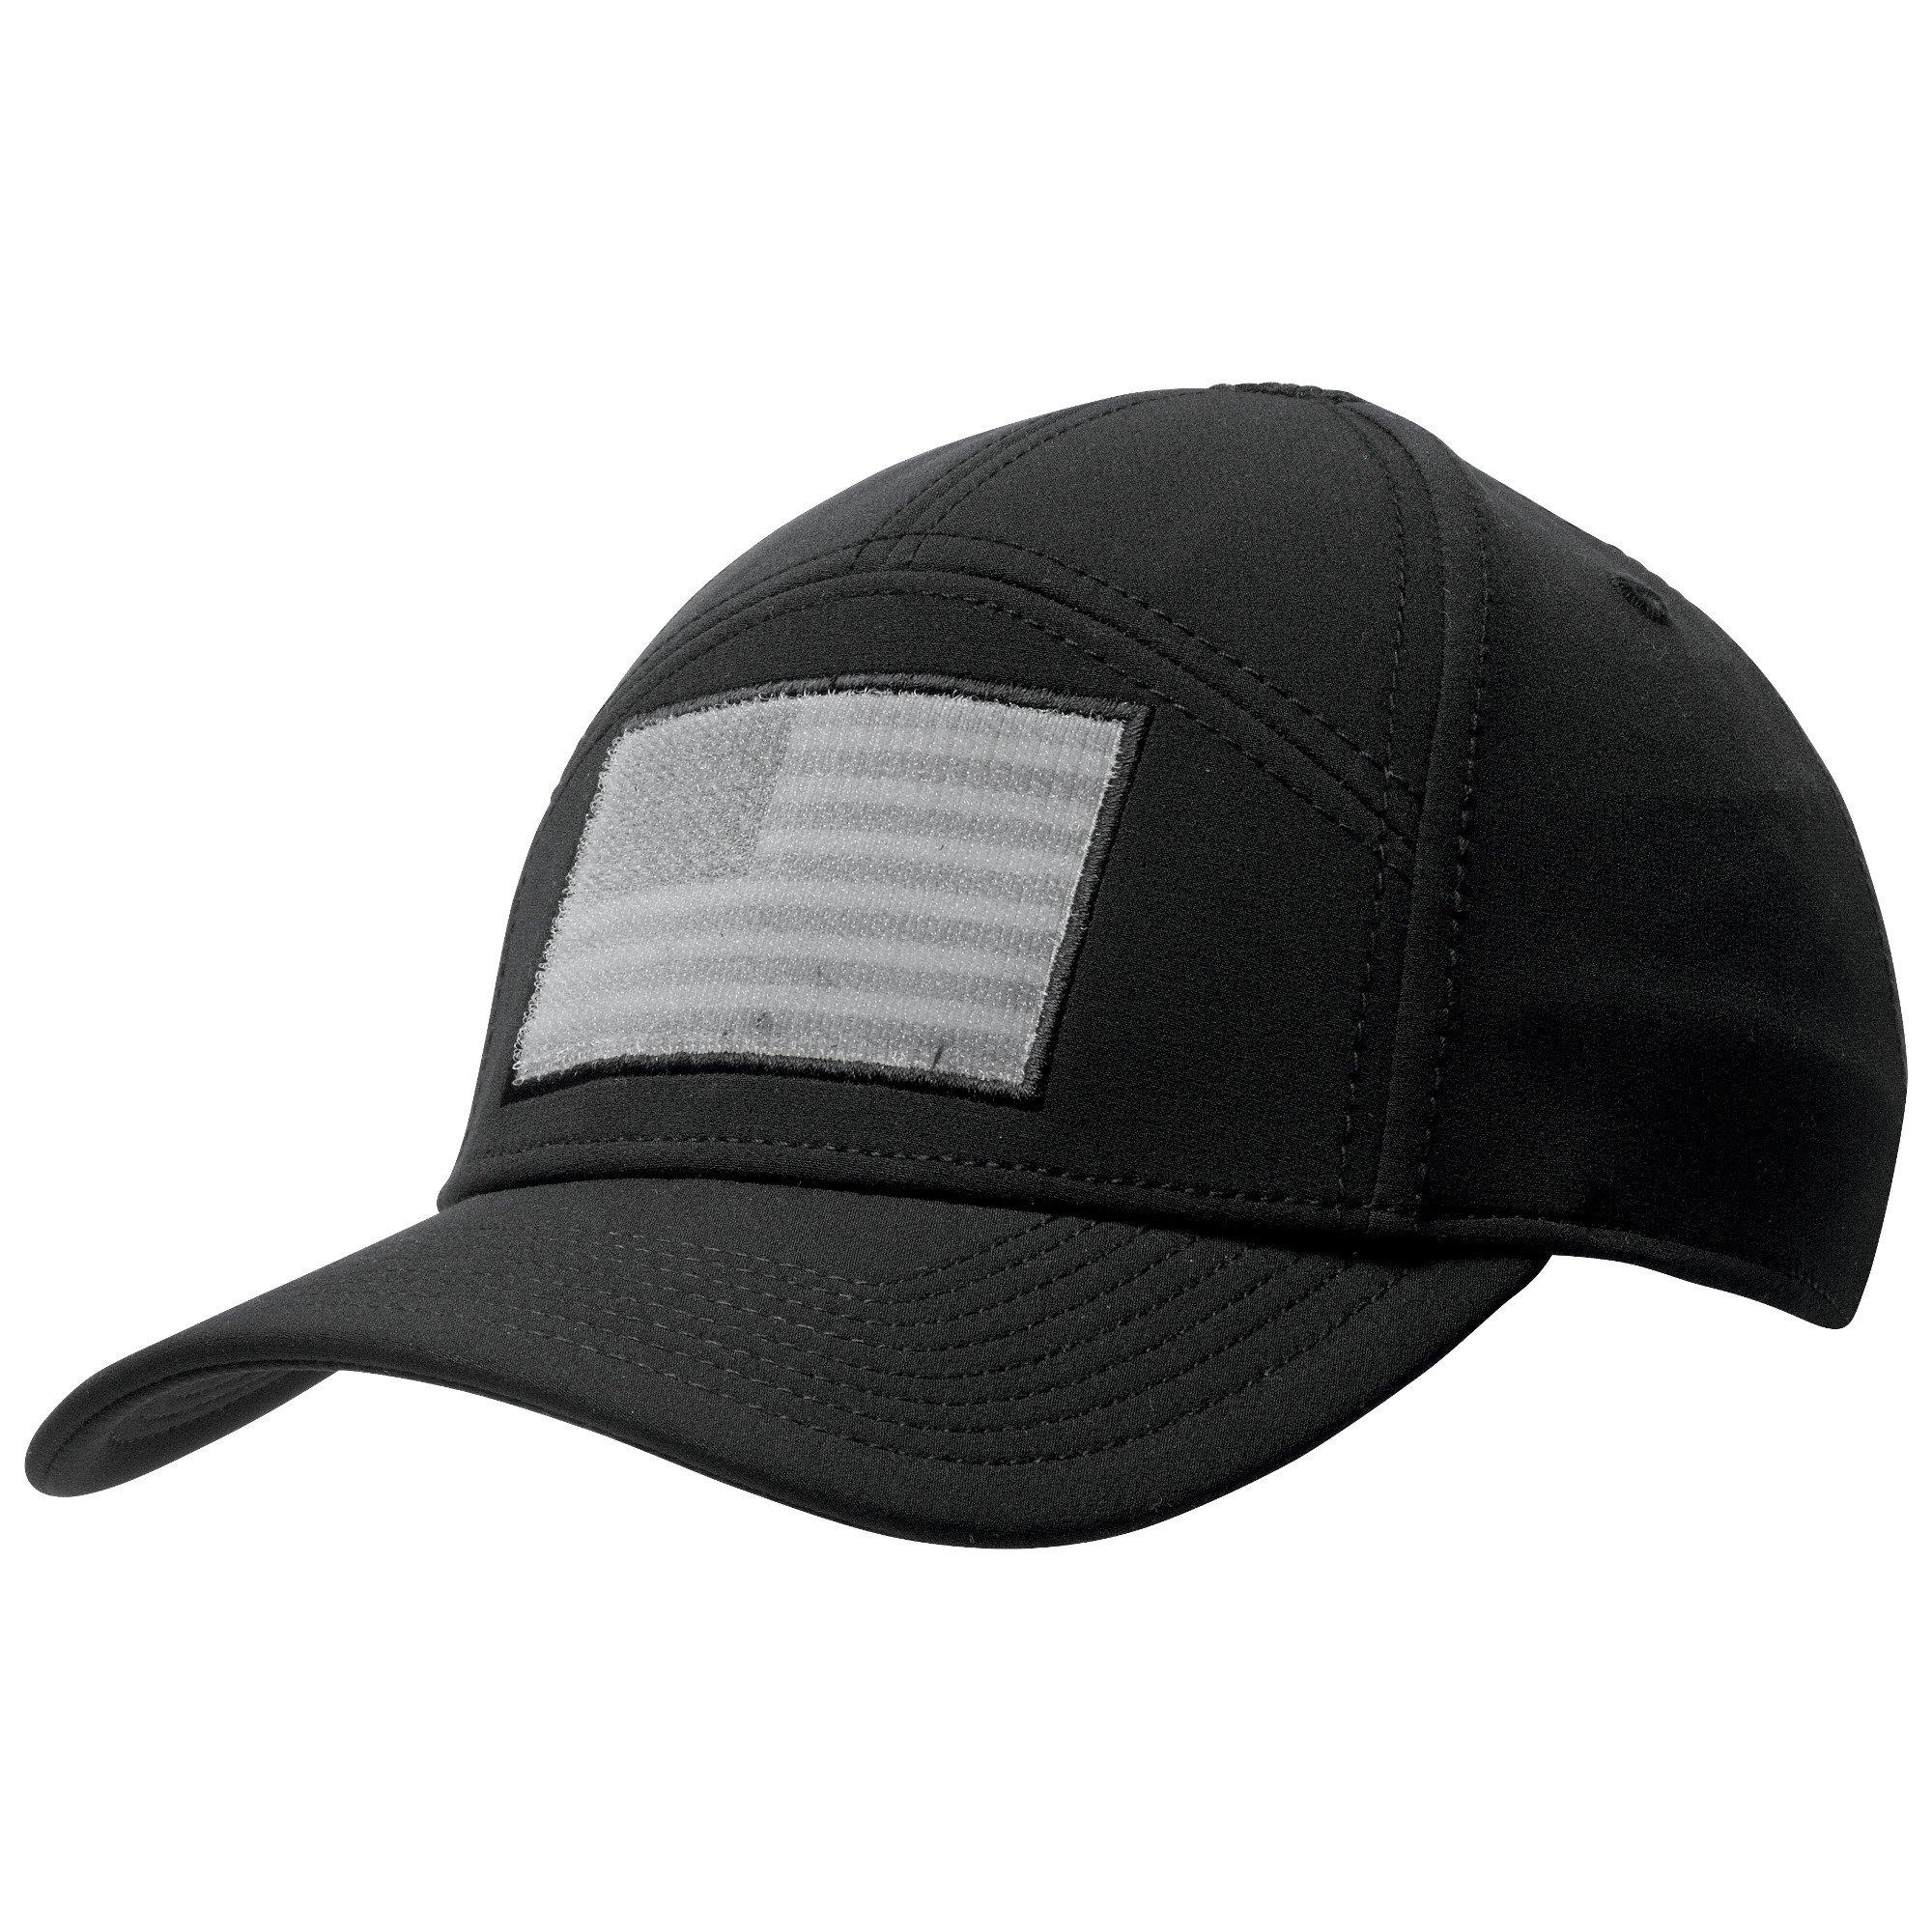 Nón 5.11 Tactical OPERATOR 2.0 A-FLEX CAP – Black